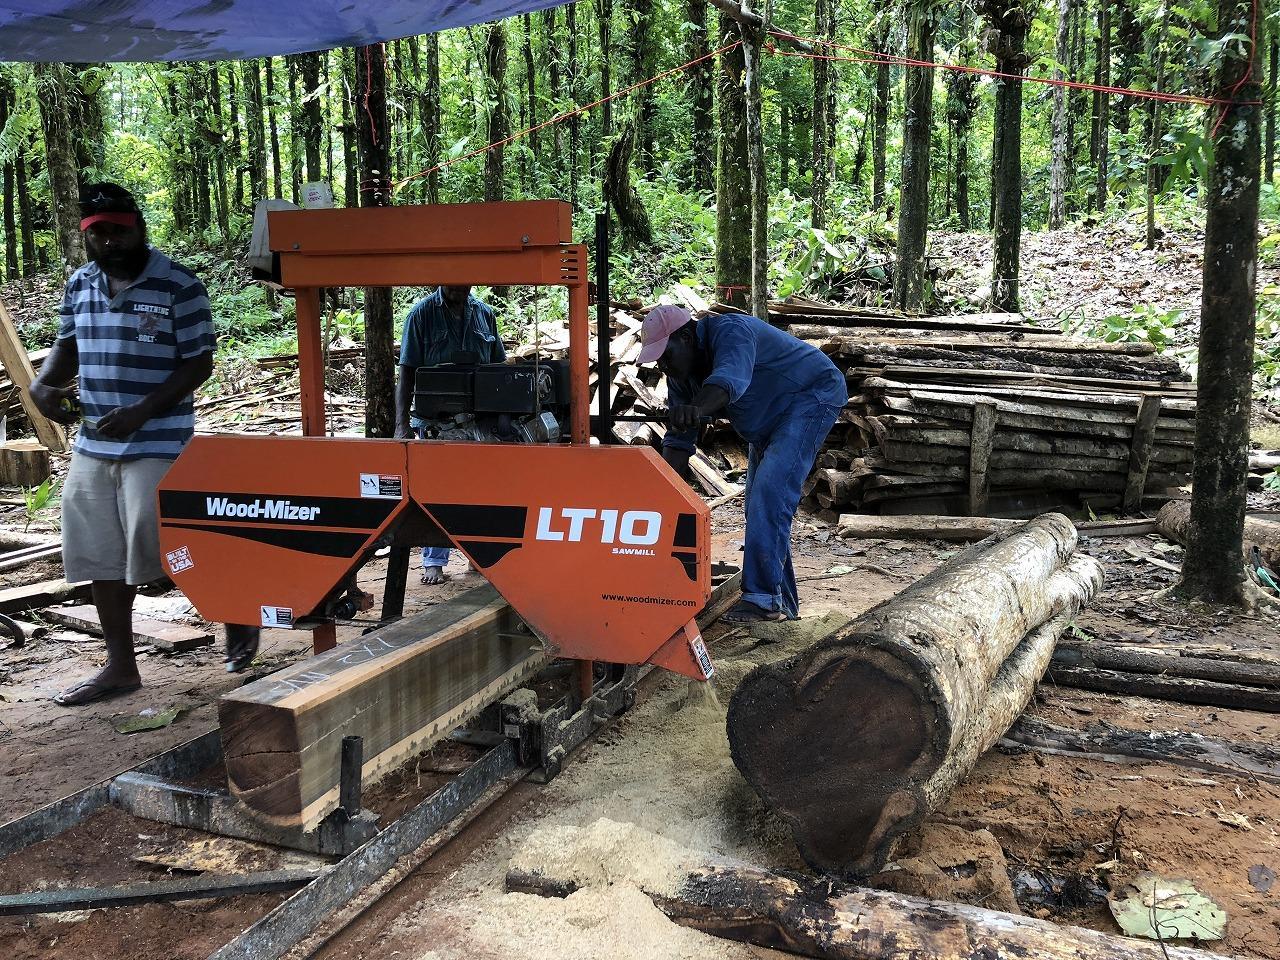 【活動】自伐林家による製材加工プロジェクト②